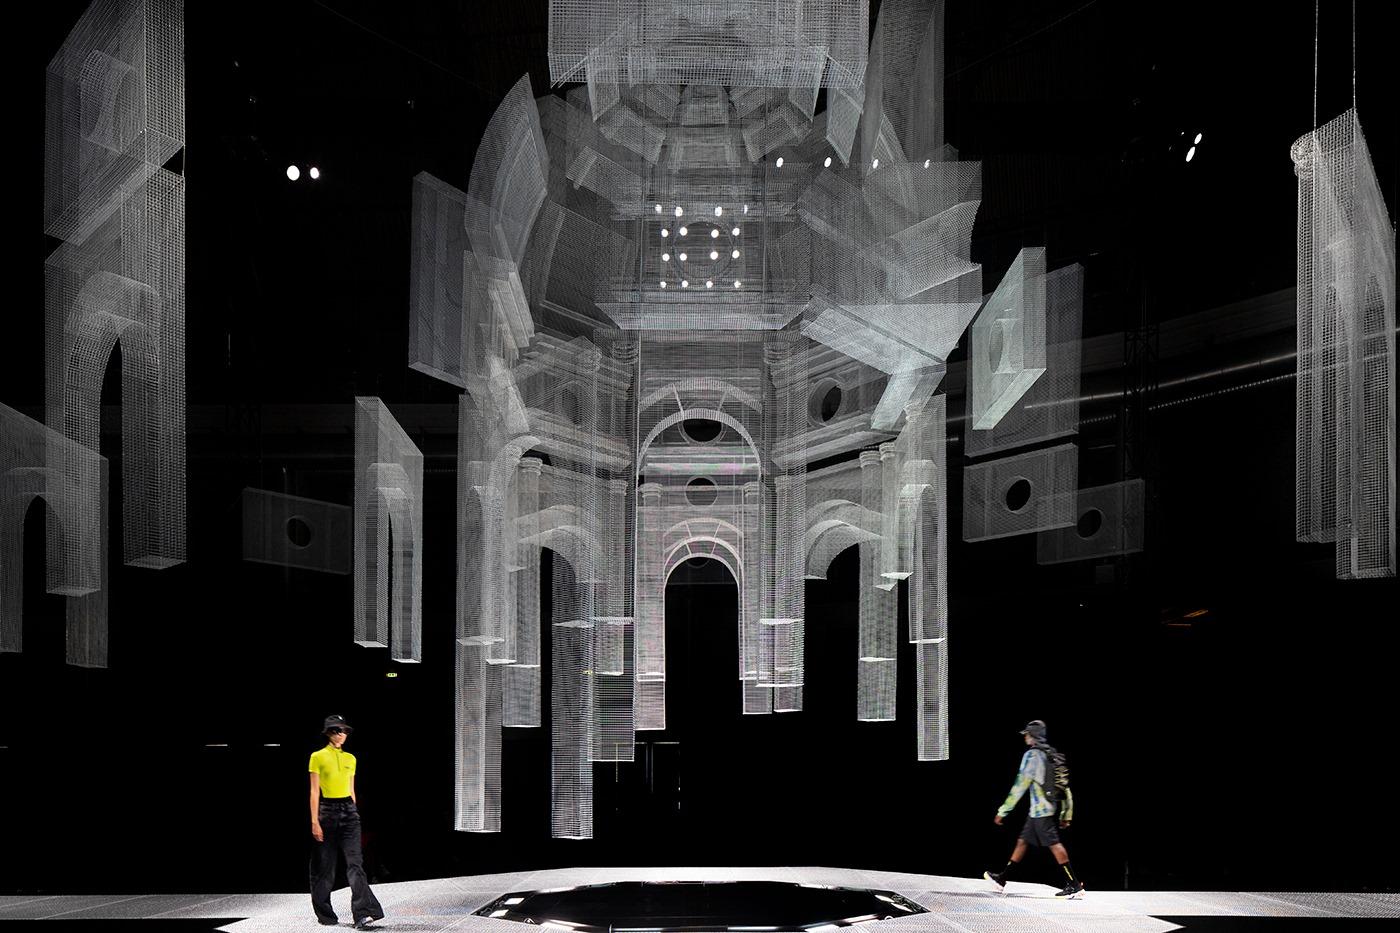 Le strutture tridimensionali di Edoardo Tresoldi